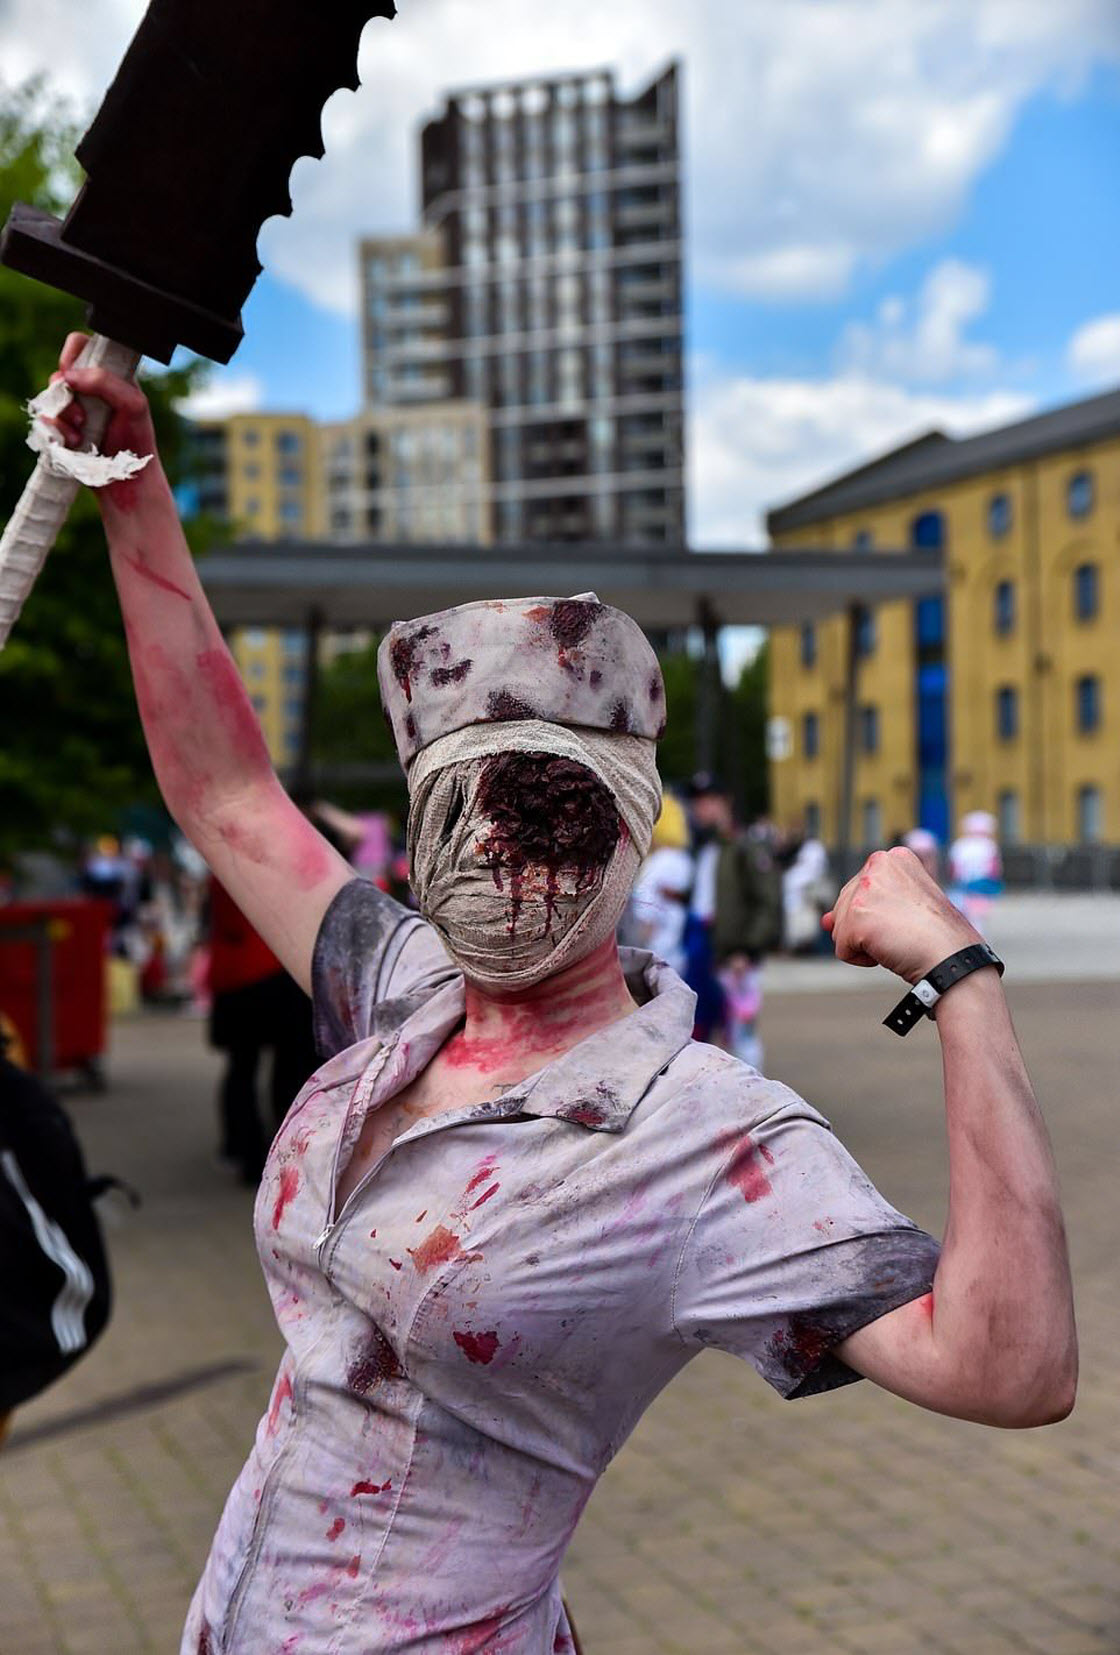 Тысячи поклонников косплея собрались в Лондоне на Comic Con праздник,фестиваль,игры,косплей,костюмы,наряды,поклонники,сериал,фильмы